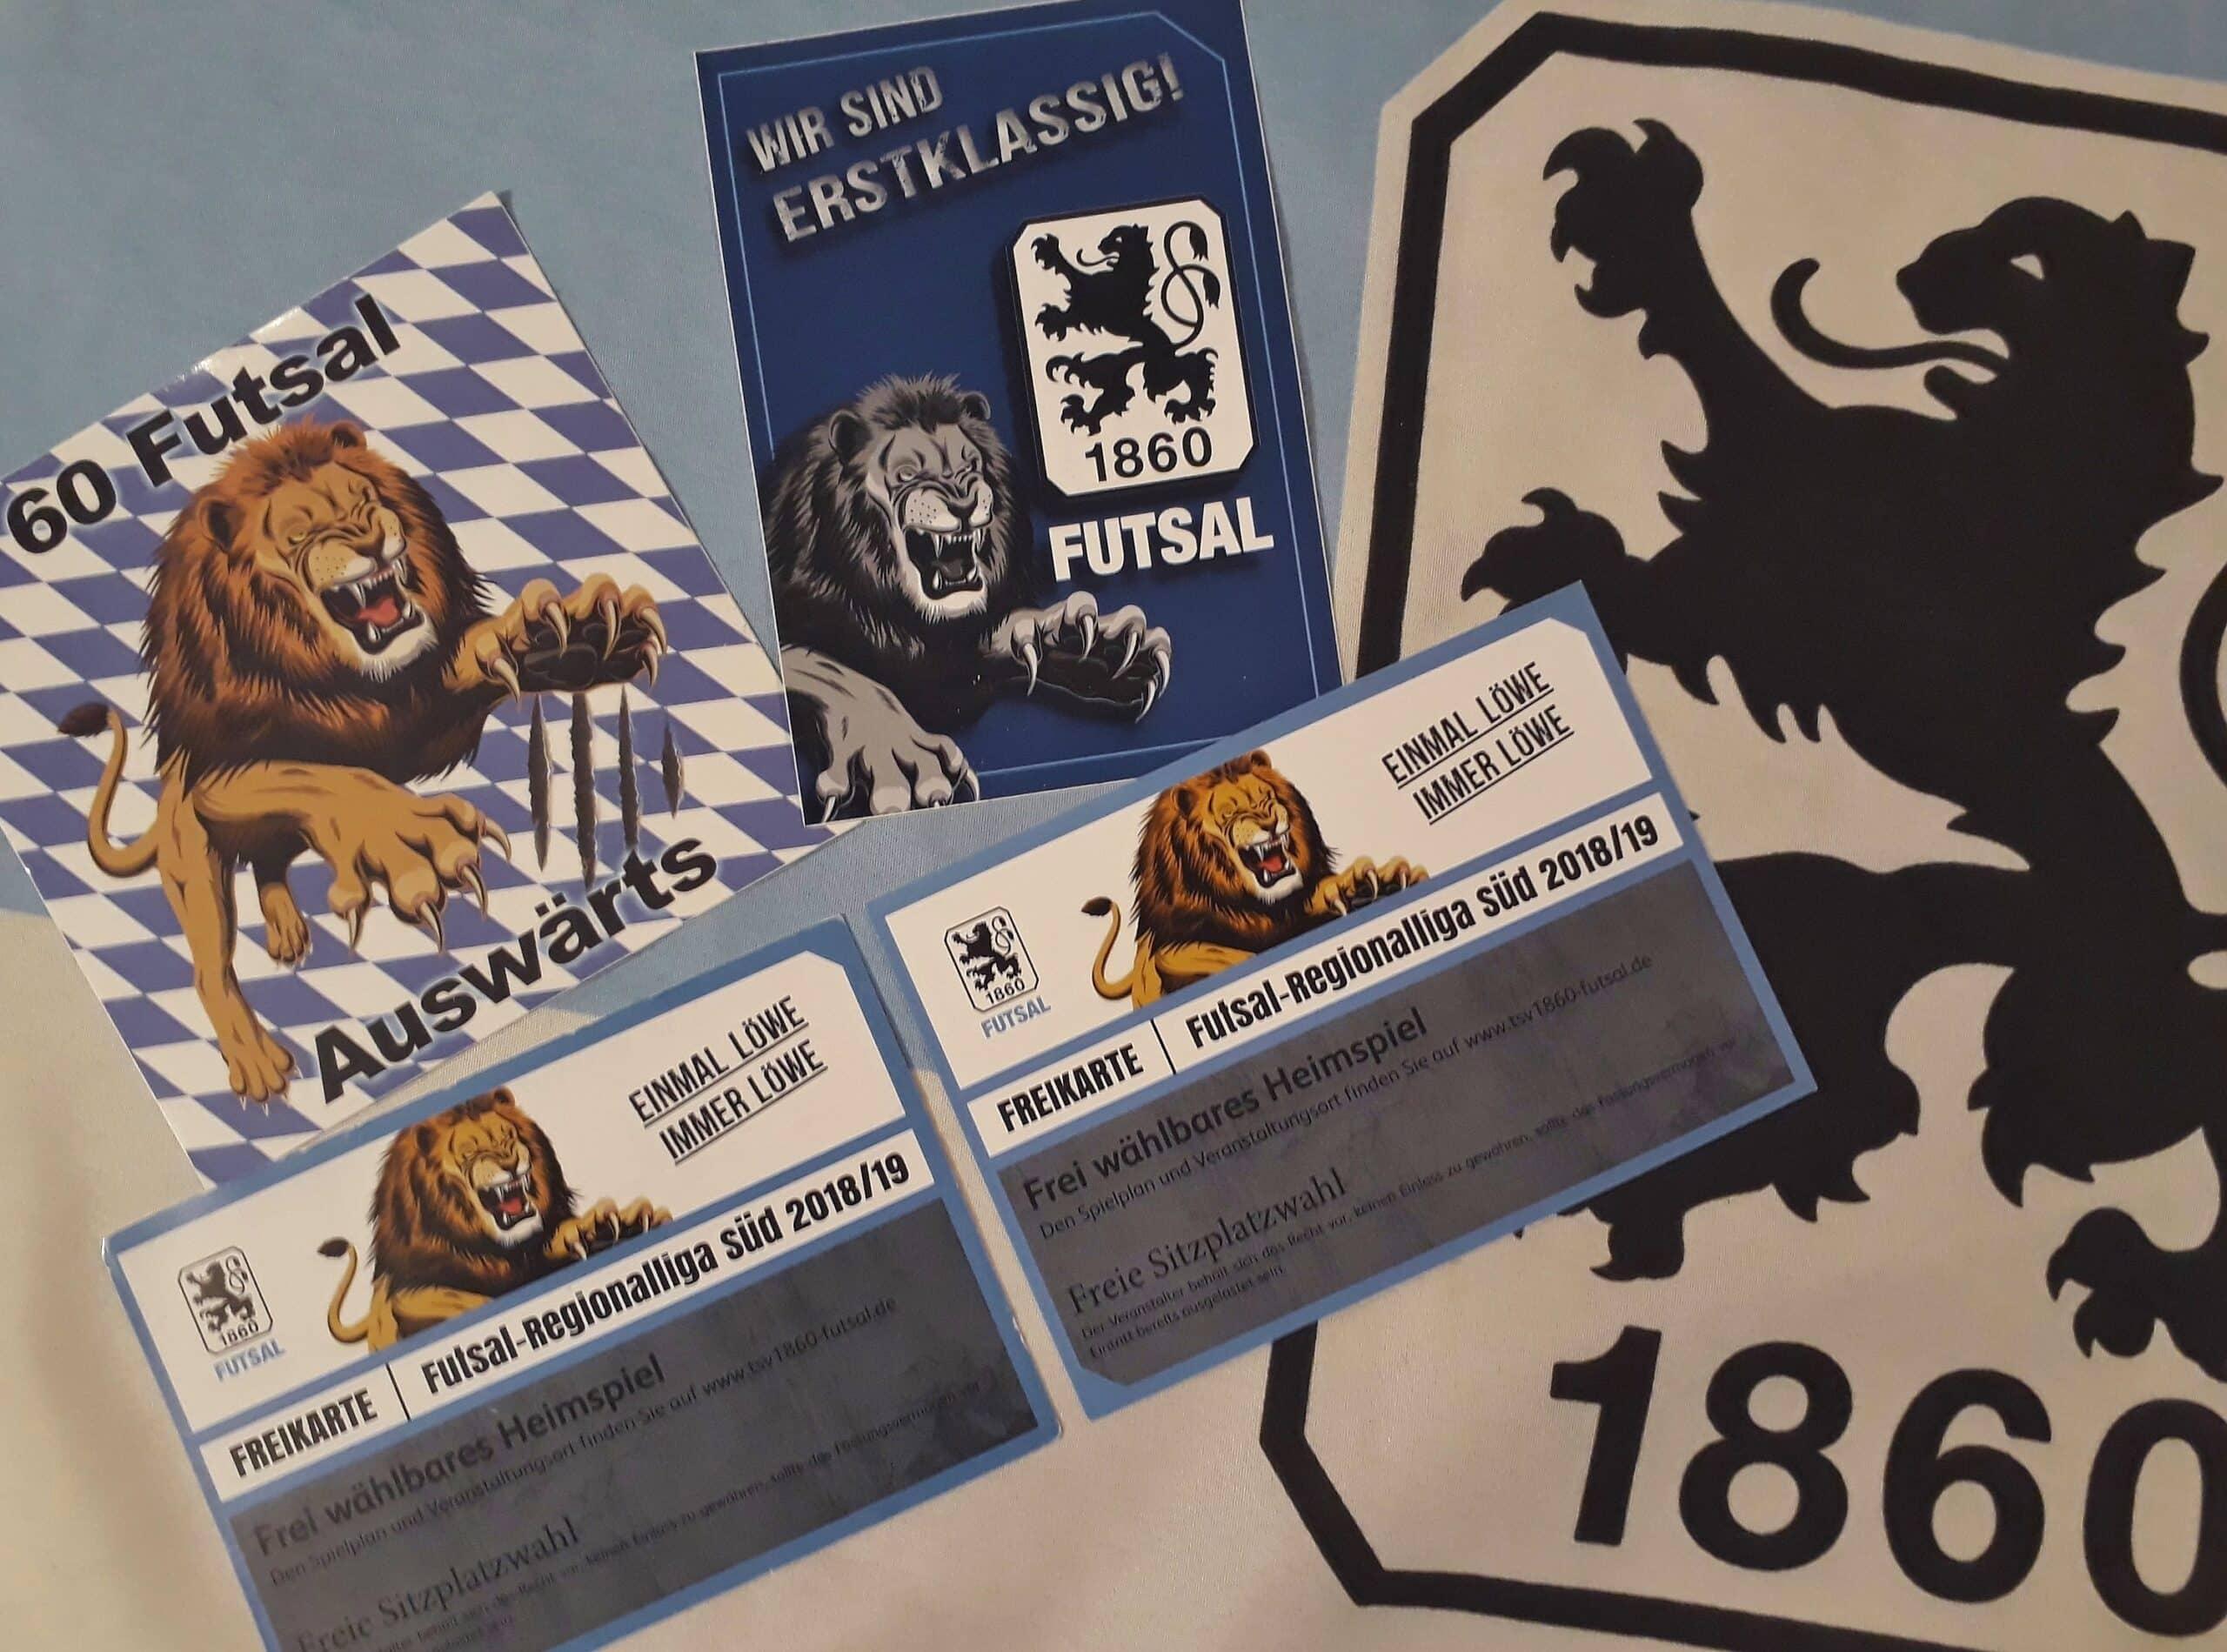 Das Löwenmagazin Verlost Dreimal Zwei Tickets Für Das Sechs